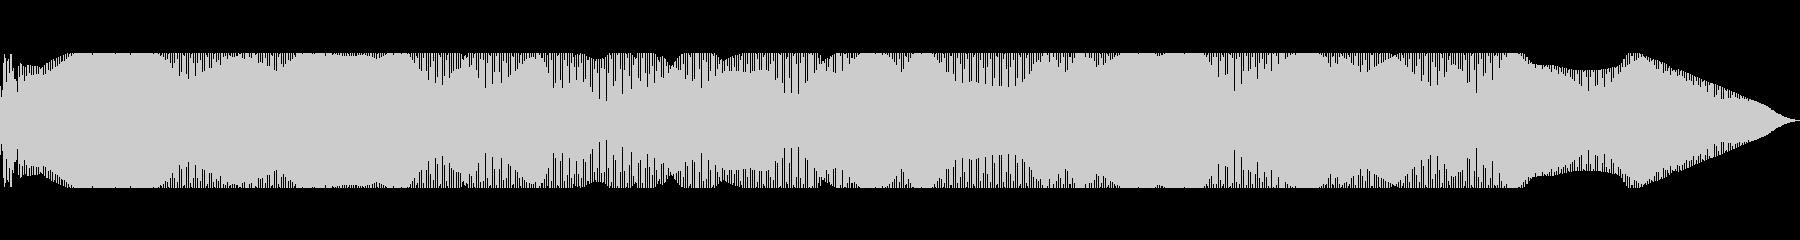 信号ローミングによるスキャナーの電源投入の未再生の波形